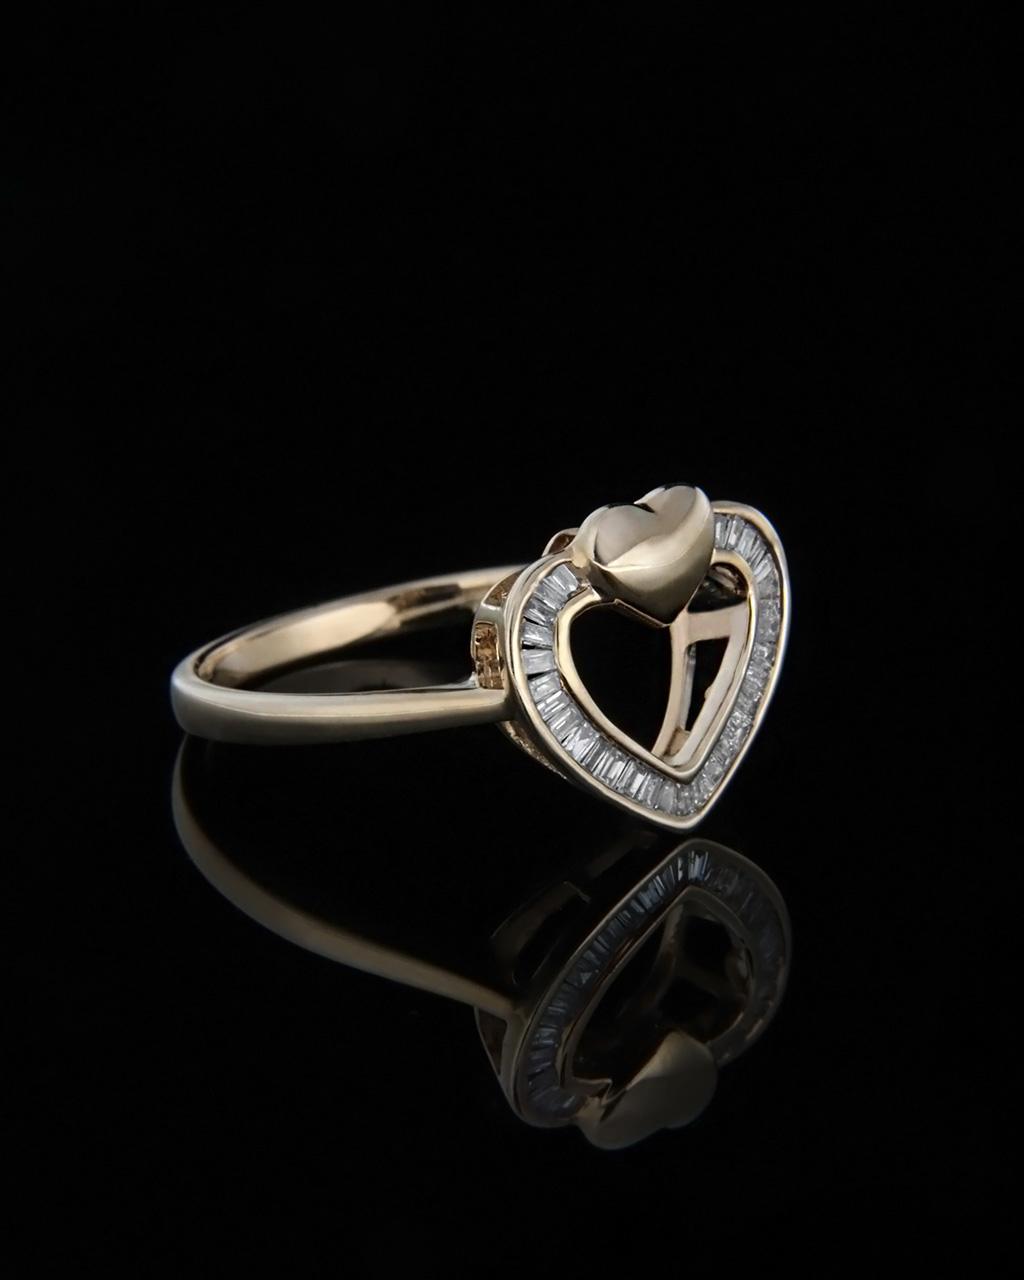 Δαχτυλίδι καρδιά χρυσό με Διαμάντια   γυναικα δαχτυλίδια δαχτυλίδια χρυσά